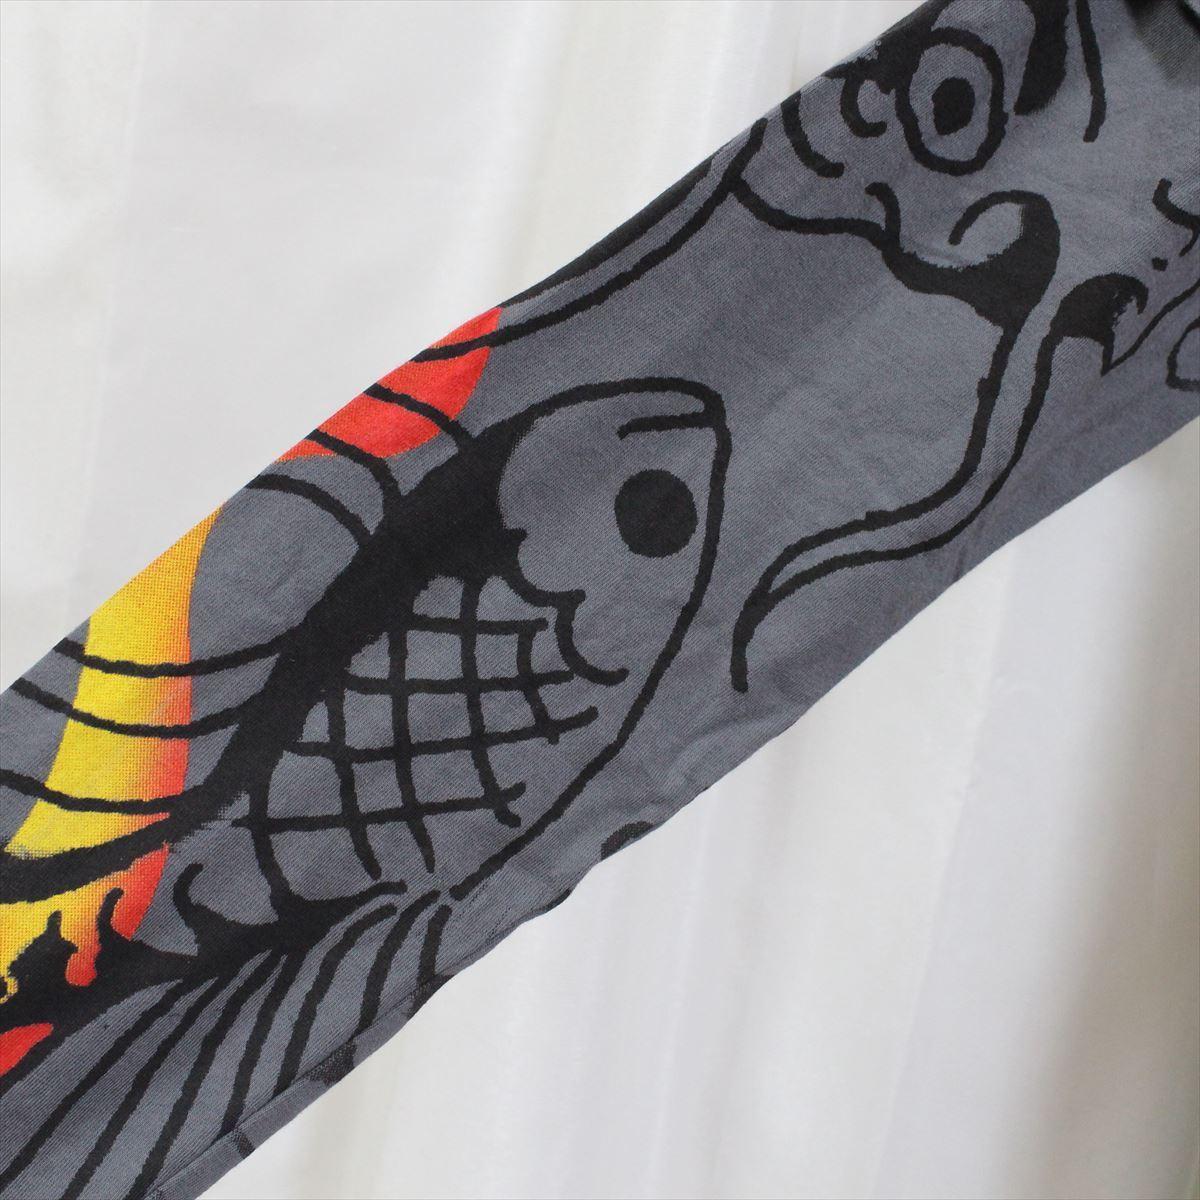 エドハーディー ED HARDY メンズダブルスリーブTシャツ チャコール Sサイズ NO48 新品 長袖_画像3